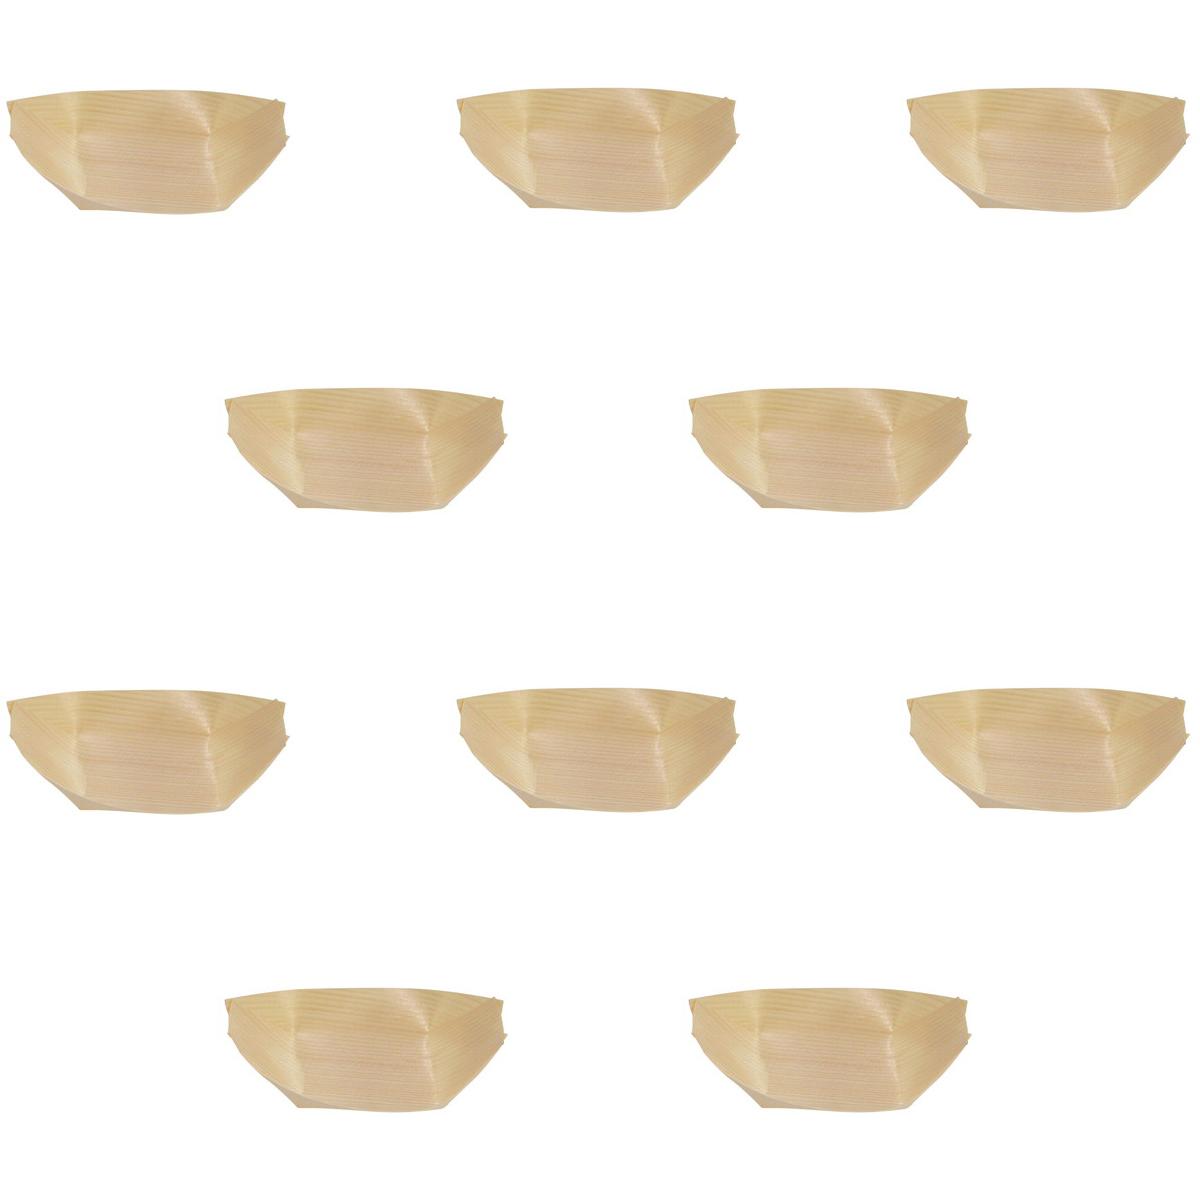 10個セット ☆ 割烹演出小物 ☆ 経木容器 舟皿(100枚入) 4.5寸 [ 約12 x 7 x 3.5cm ] 【 料亭 旅館 居酒屋 和食器 飲食店 業務用 】